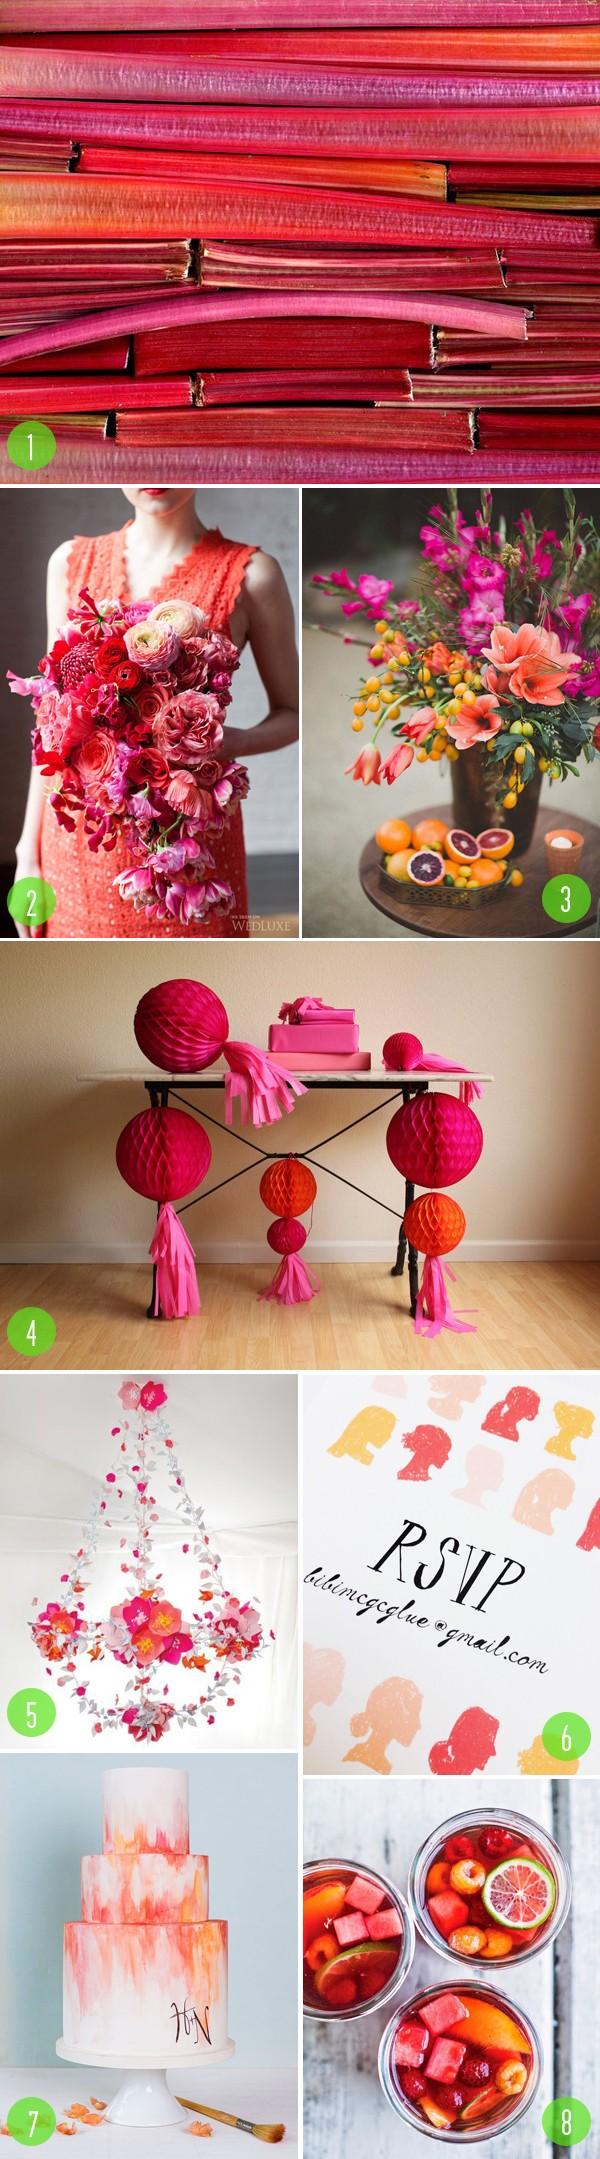 rhubarb palette